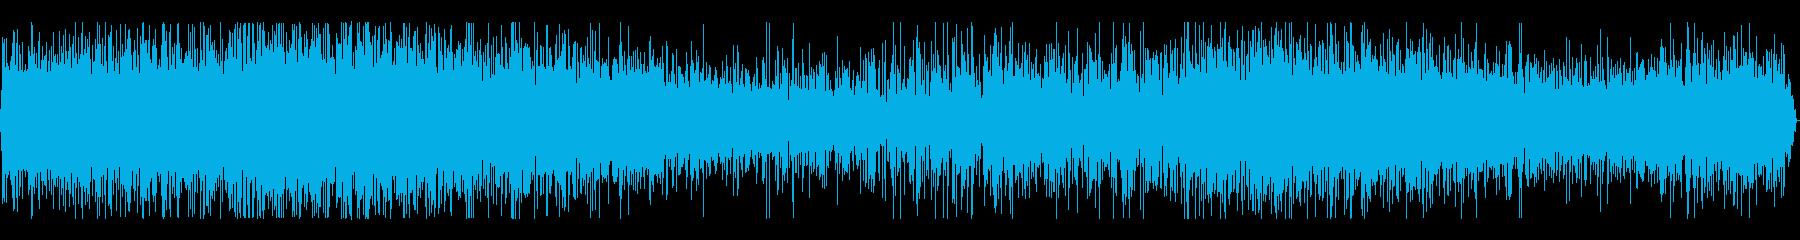 雨と雨が傘を打つ音(バイノーラル録音)の再生済みの波形